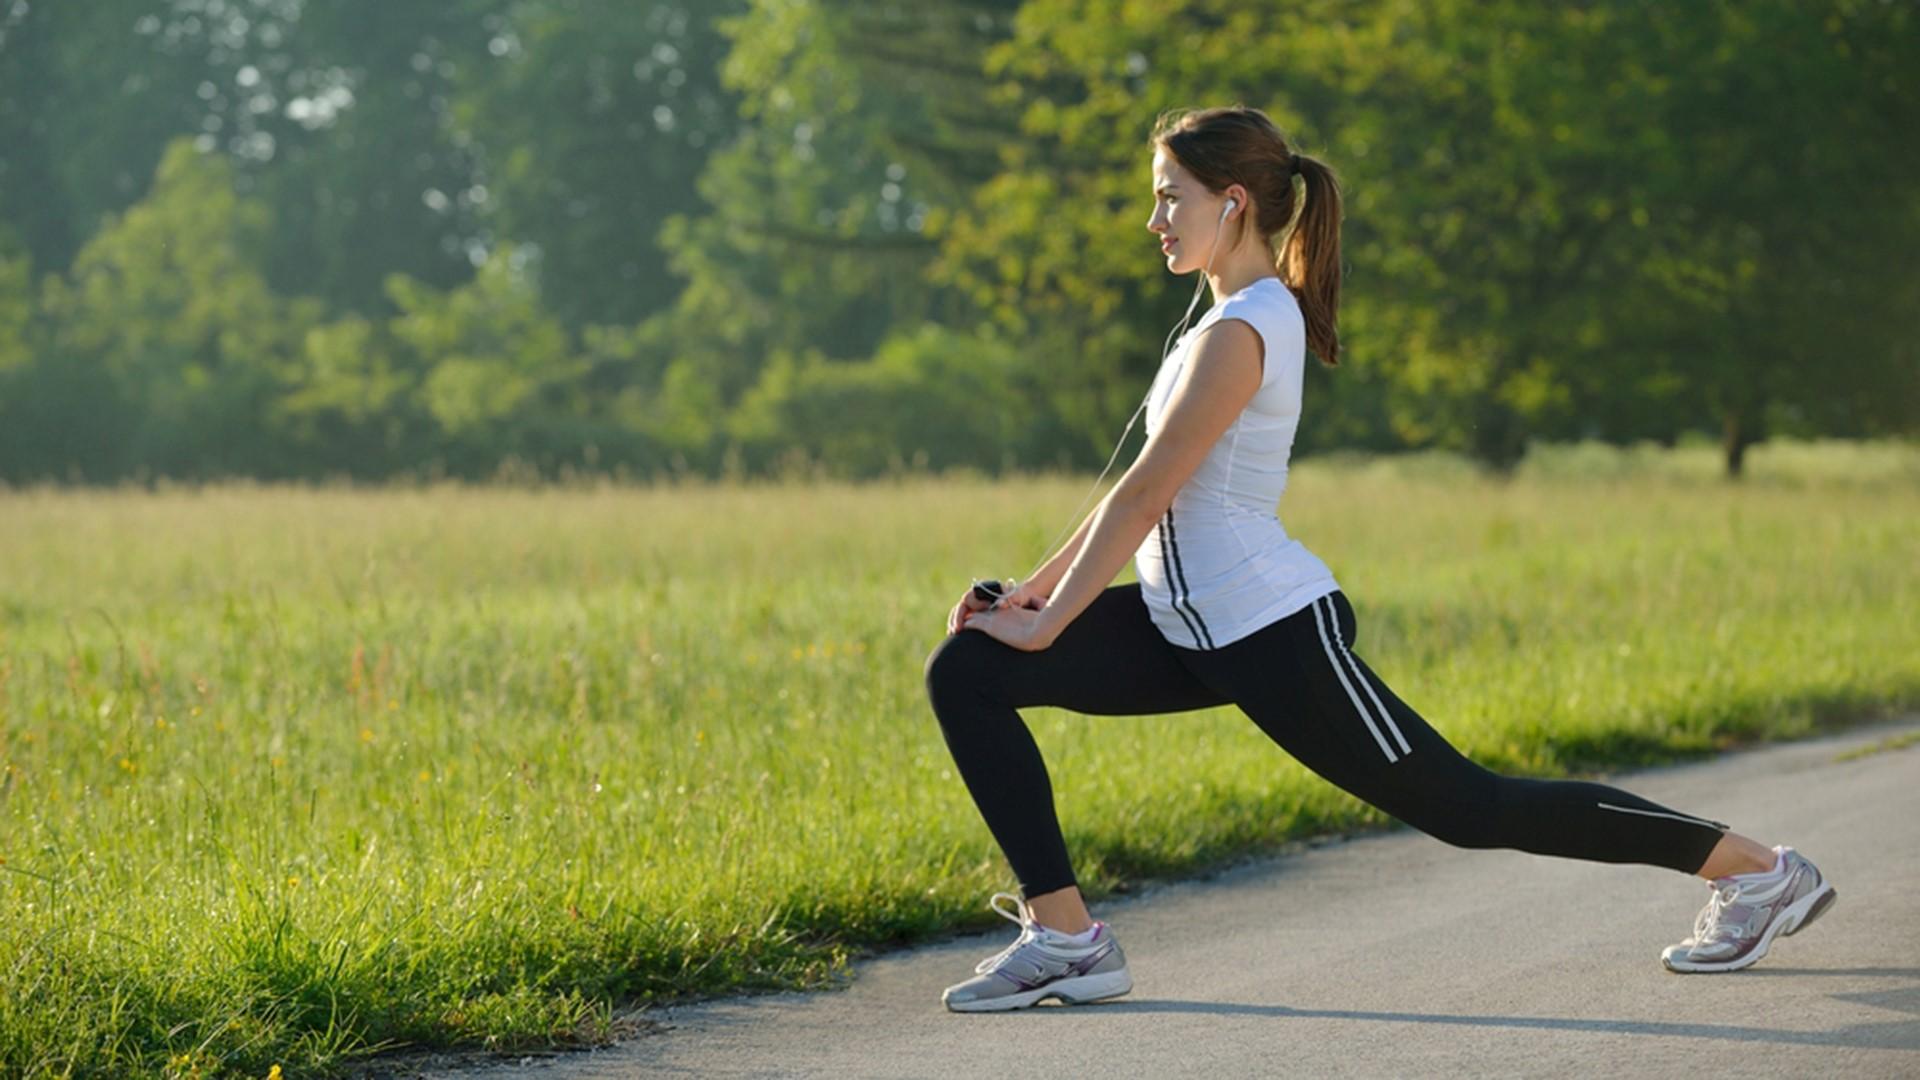 Bedanya Olahraga Pagi dan Sore, Ini Efek Kesehatannya Untuk Tubuh 3